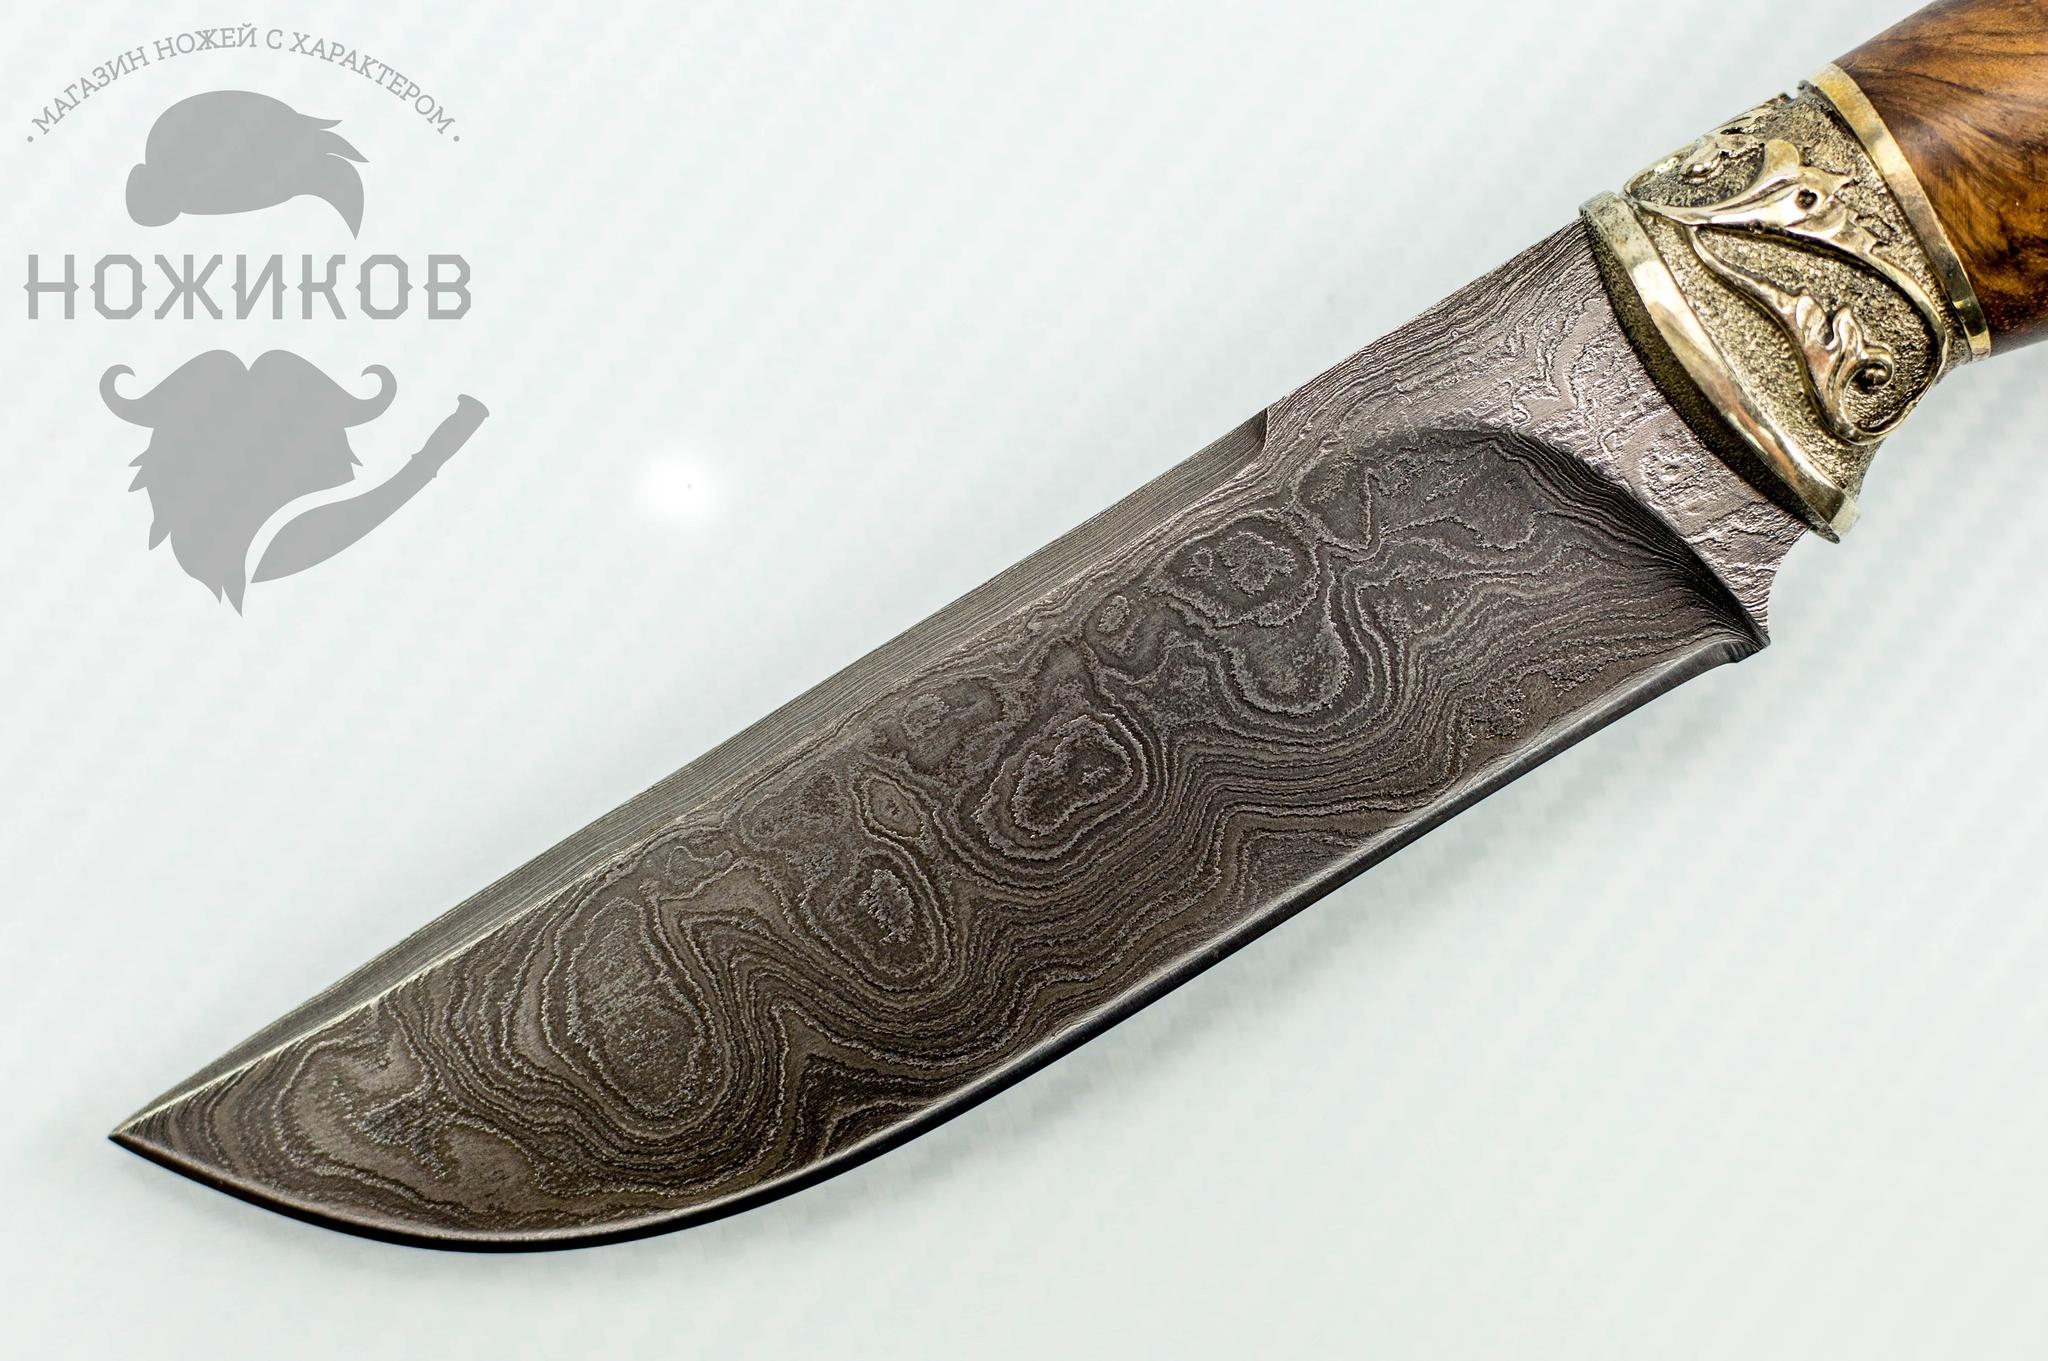 Фото 7 - Авторский Нож из Дамаска №75, Кизляр от Noname